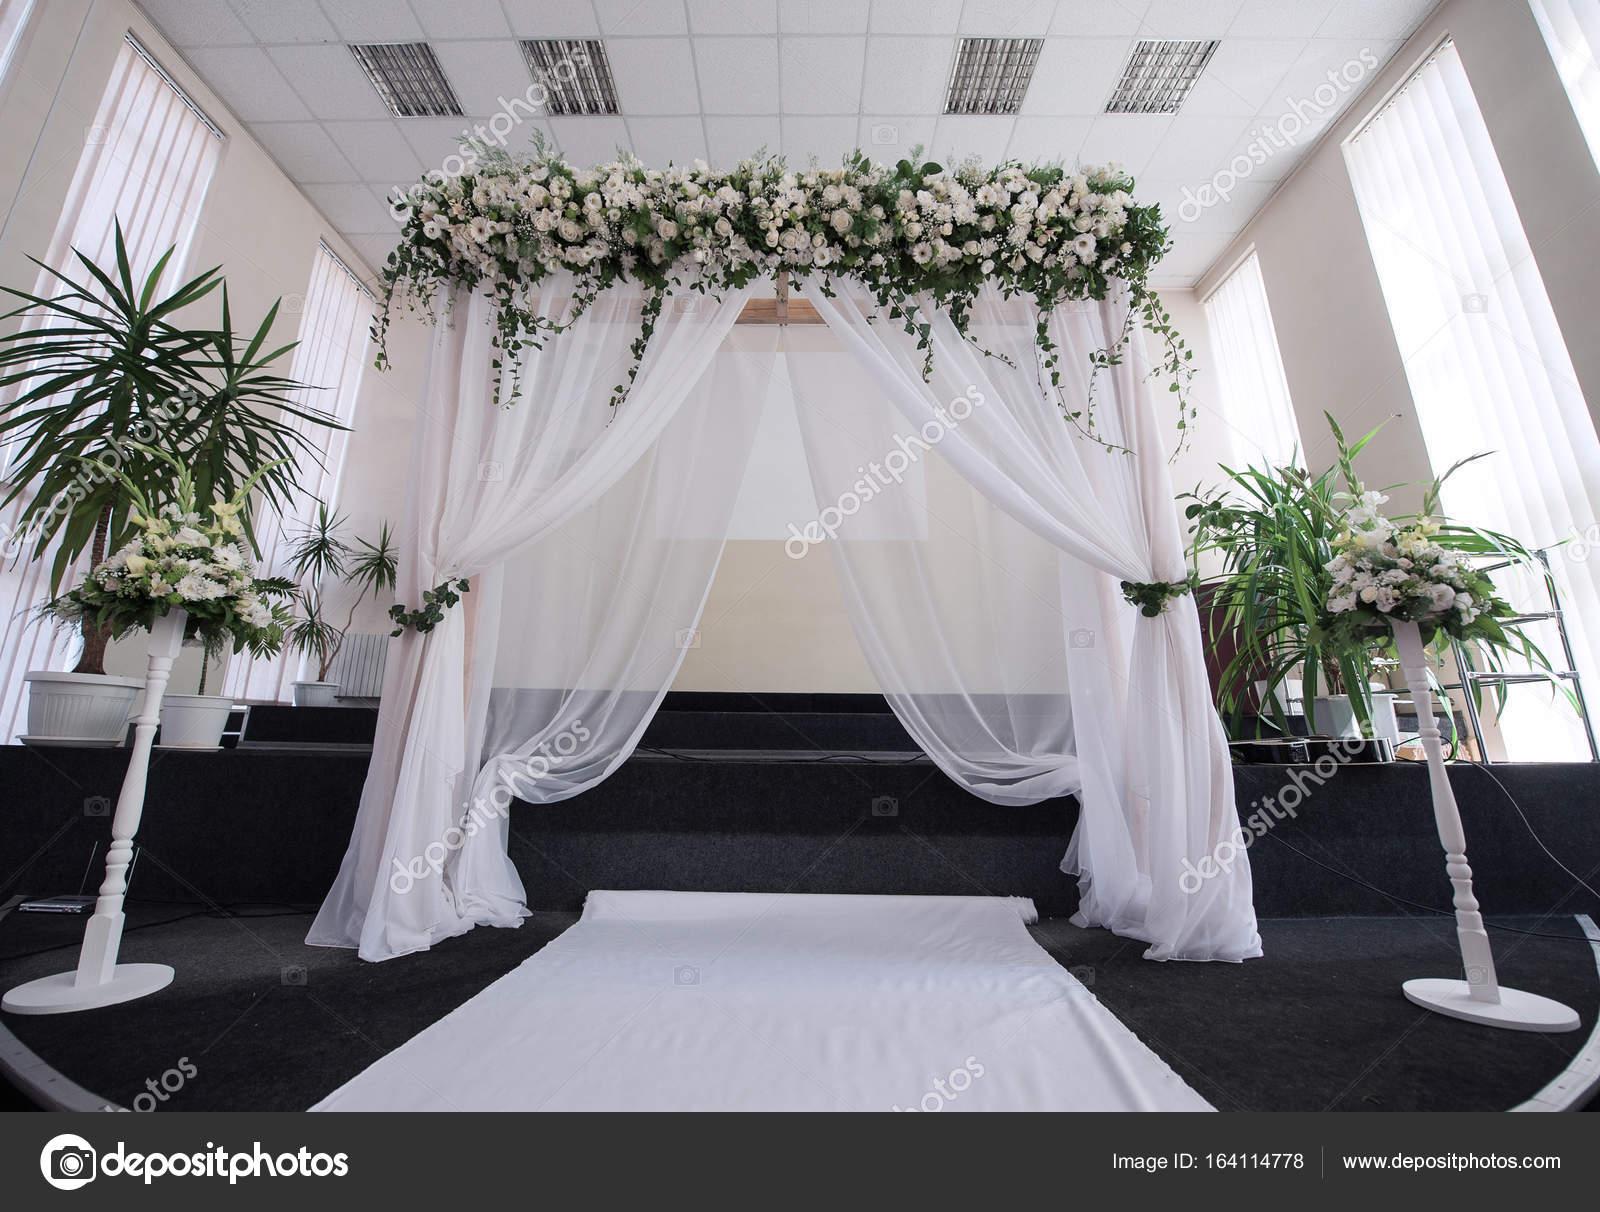 Decoraci n de sal n para una boda con un arco foto de for Decoracion de salon para boda